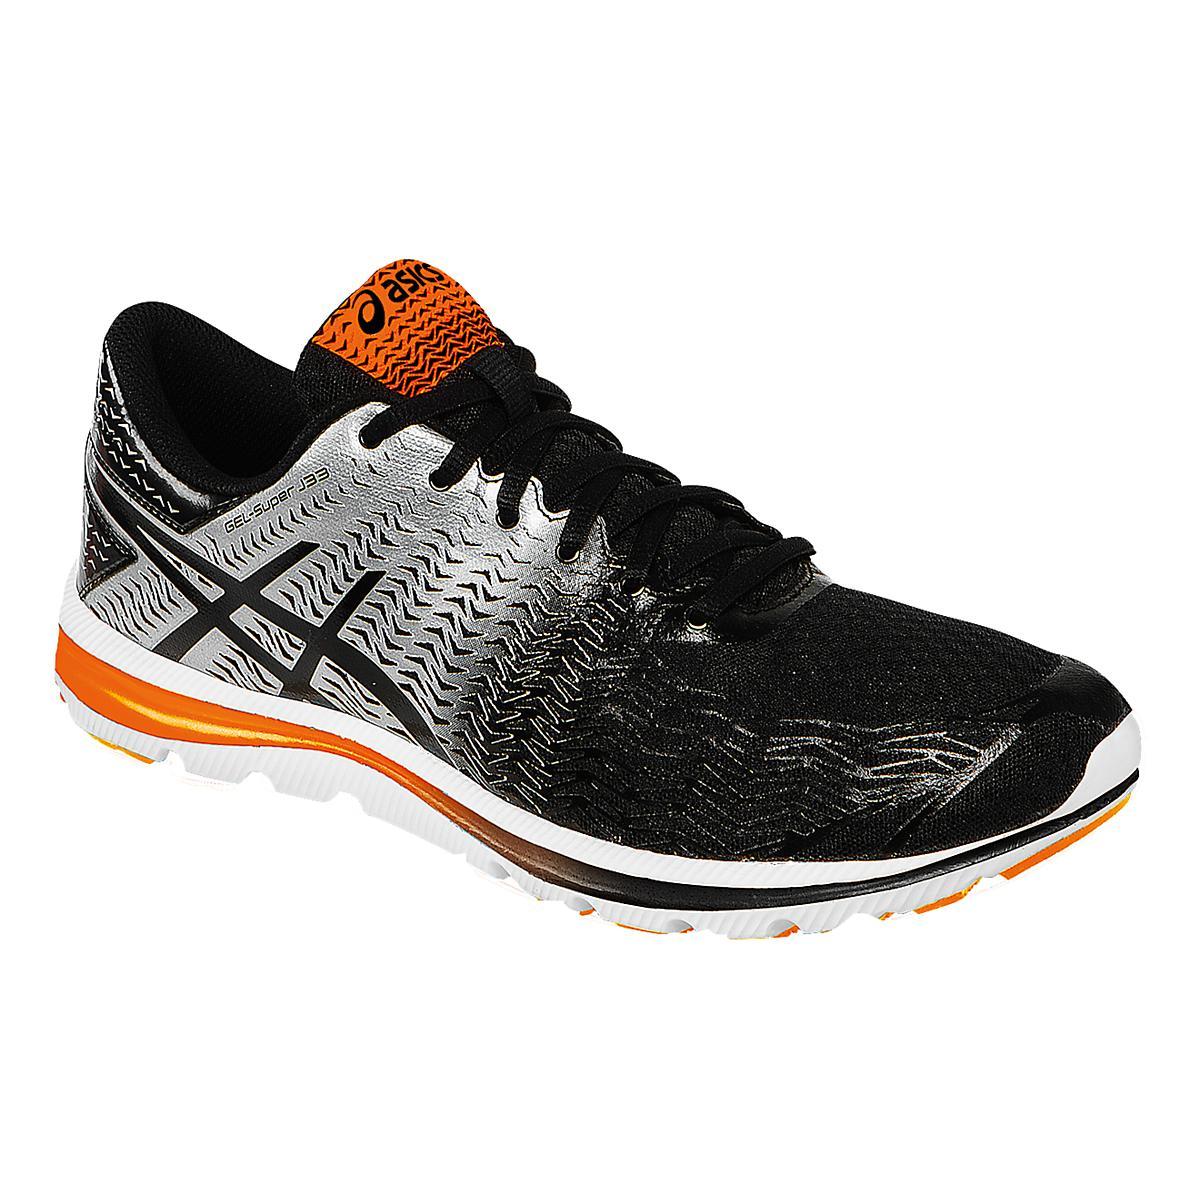 ASICS Gel Super J33, Men's Training Running Shoes